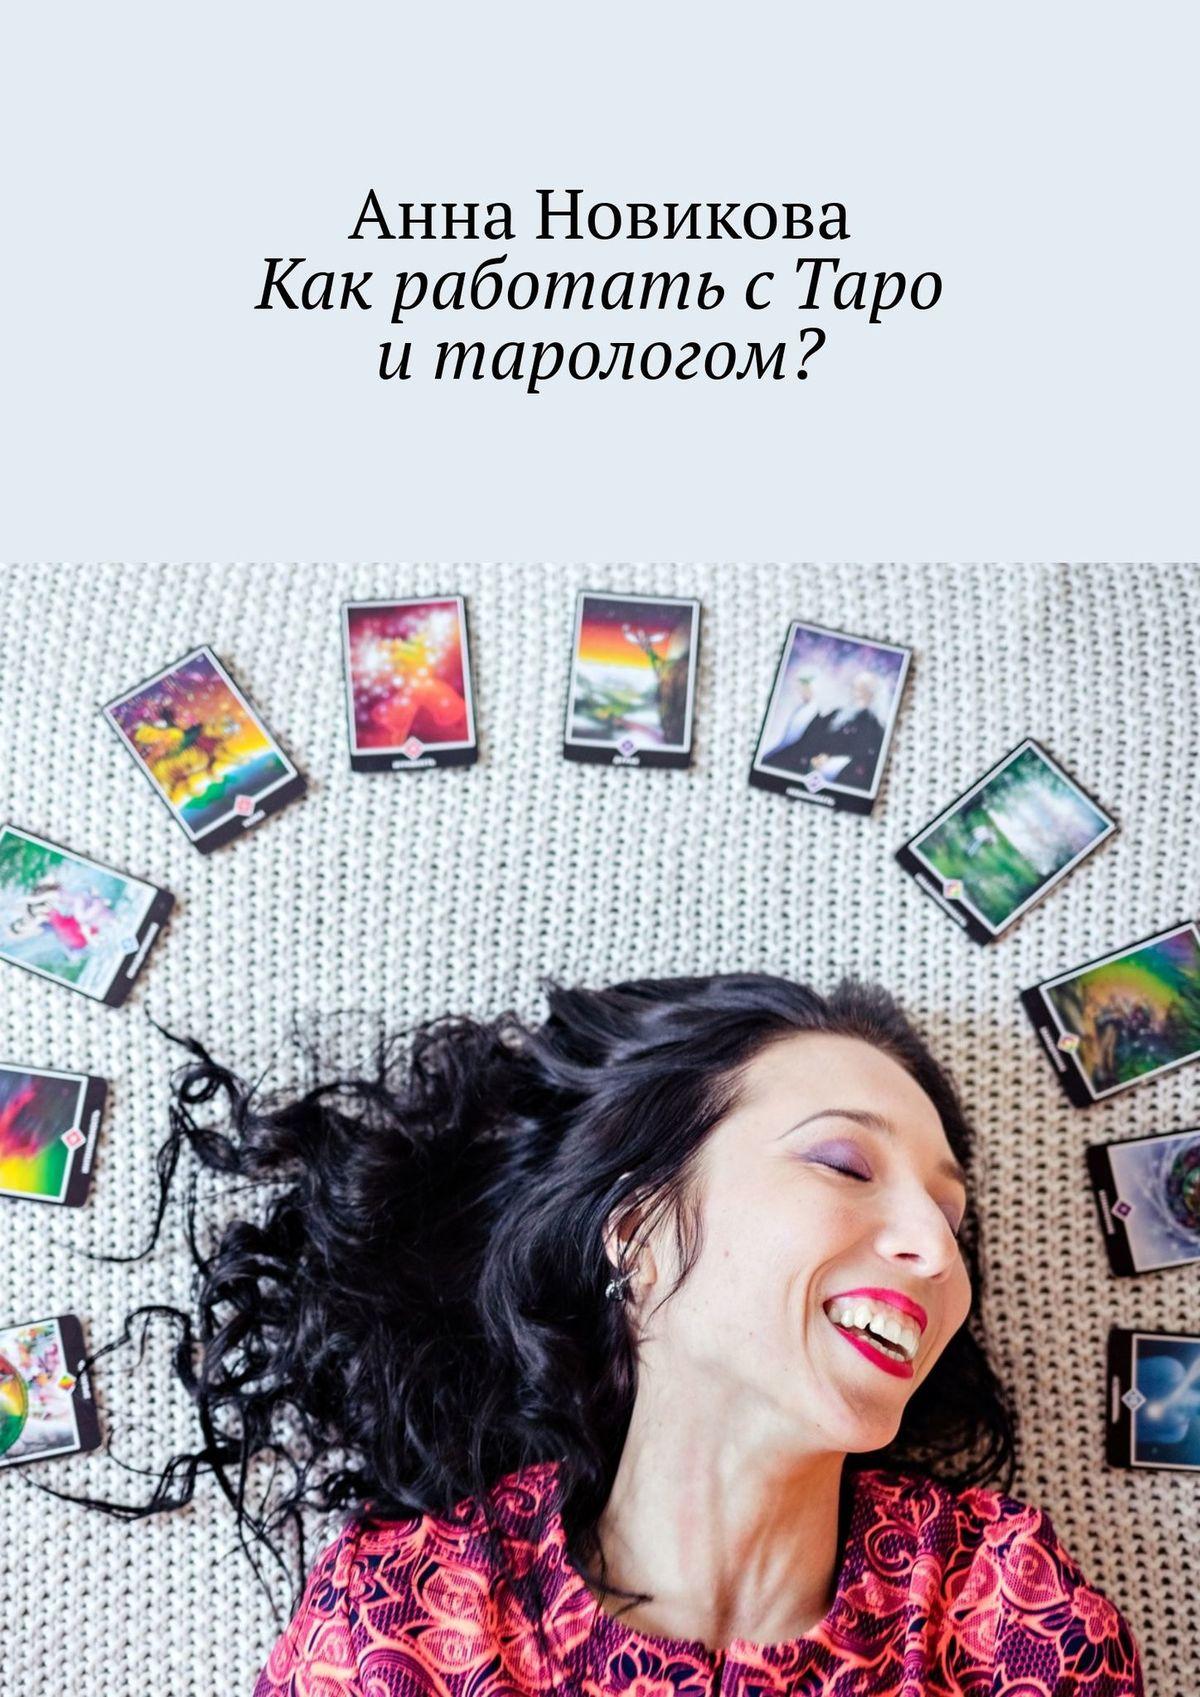 Анна Новикова Как работать сТаро итарологом?